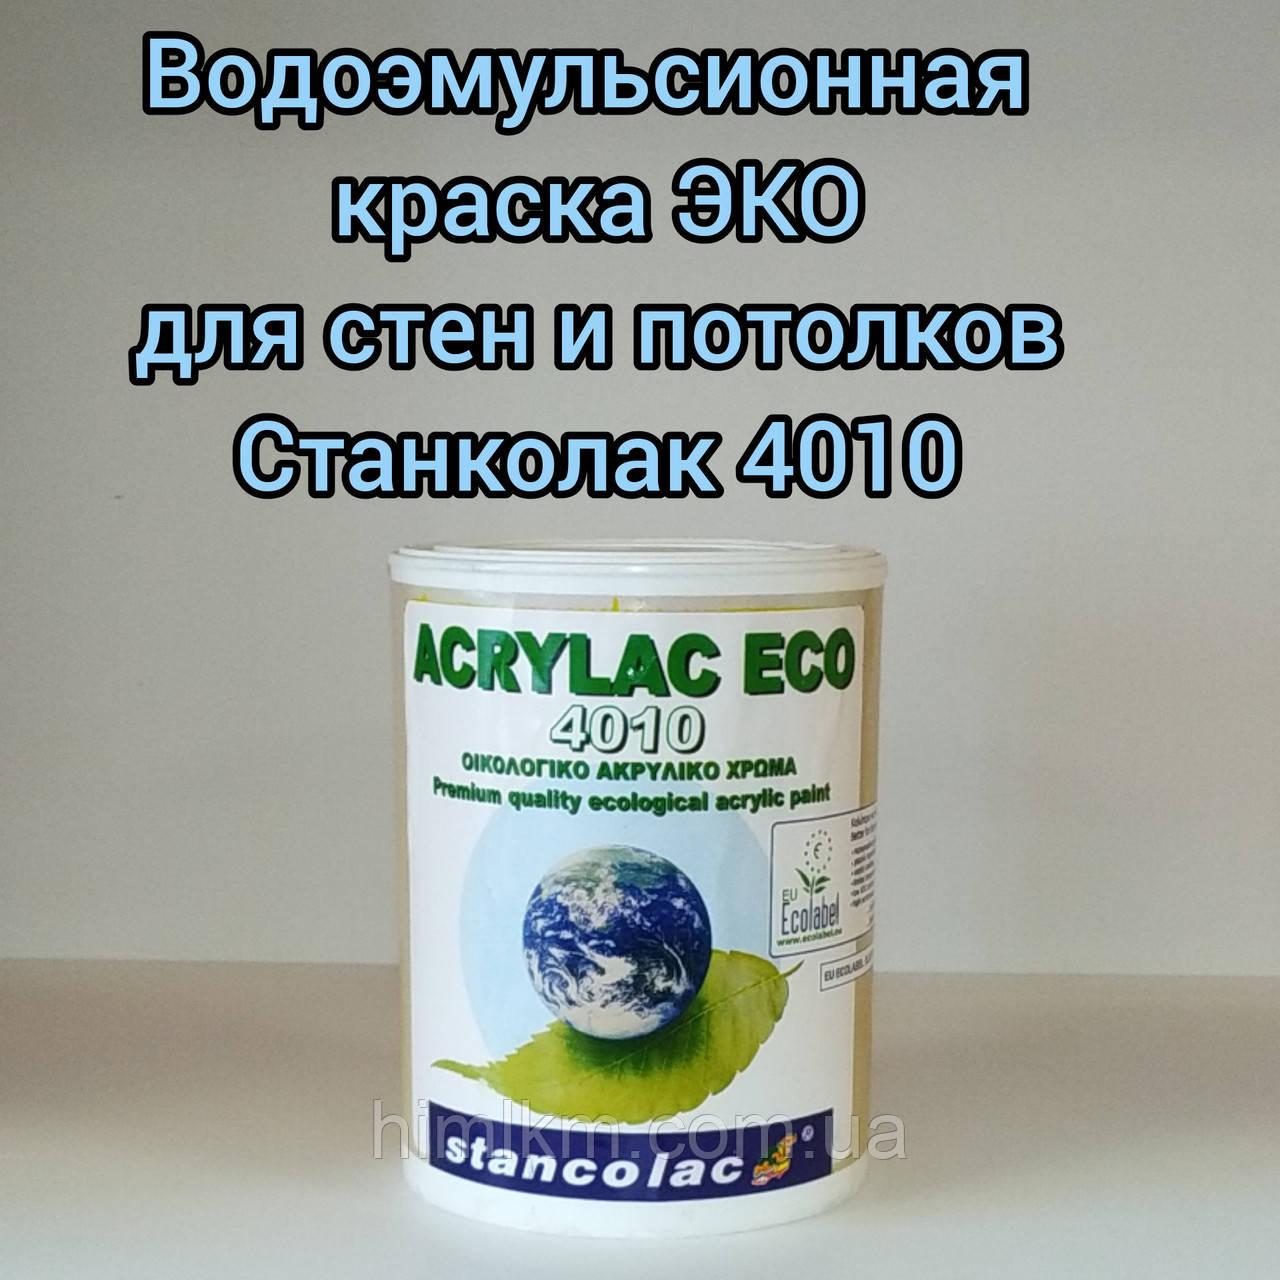 Водоэмульсионная акриловая экологически чистая краска для стен и потолков Станколак 4010